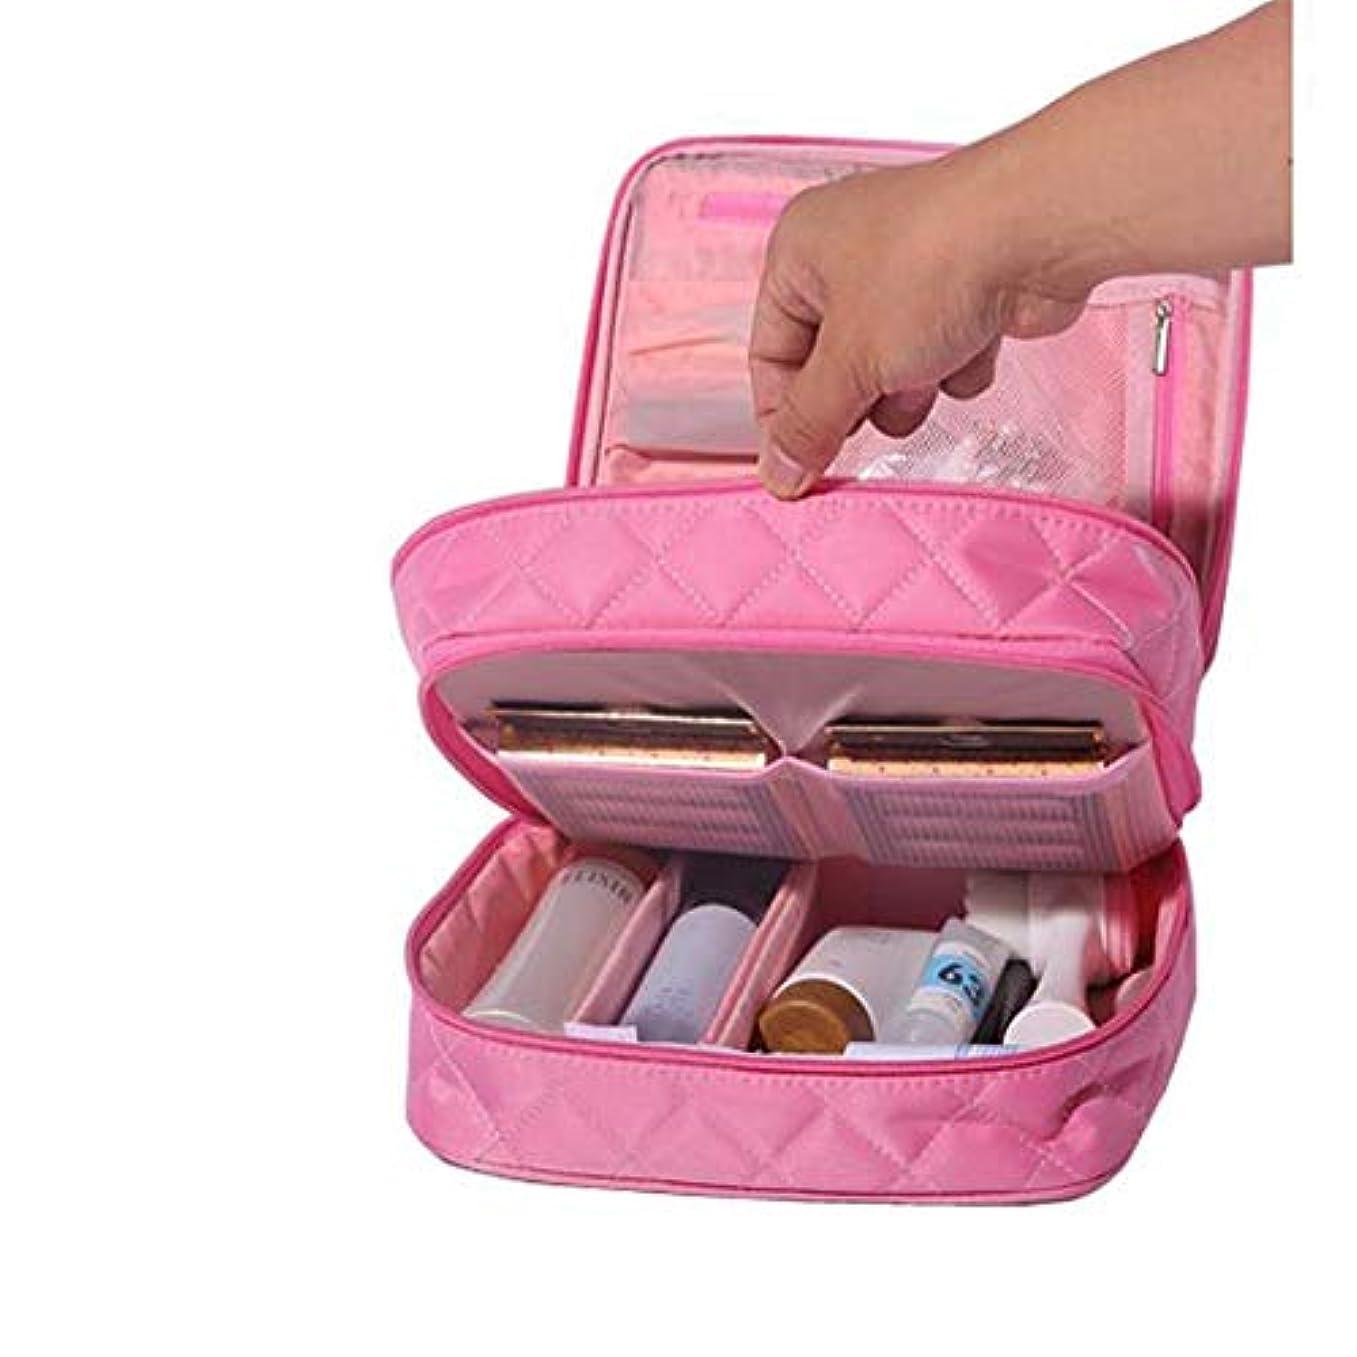 告白羊の謝罪する特大スペース収納ビューティーボックス 化粧品袋、携帯用旅行化粧品の箱、化粧品の箱、収納箱、調節可能なディバイダーが付いている小型化粧の電車箱、化粧品の化粧筆、化粧品 化粧品化粧台 (色 : ピンク)